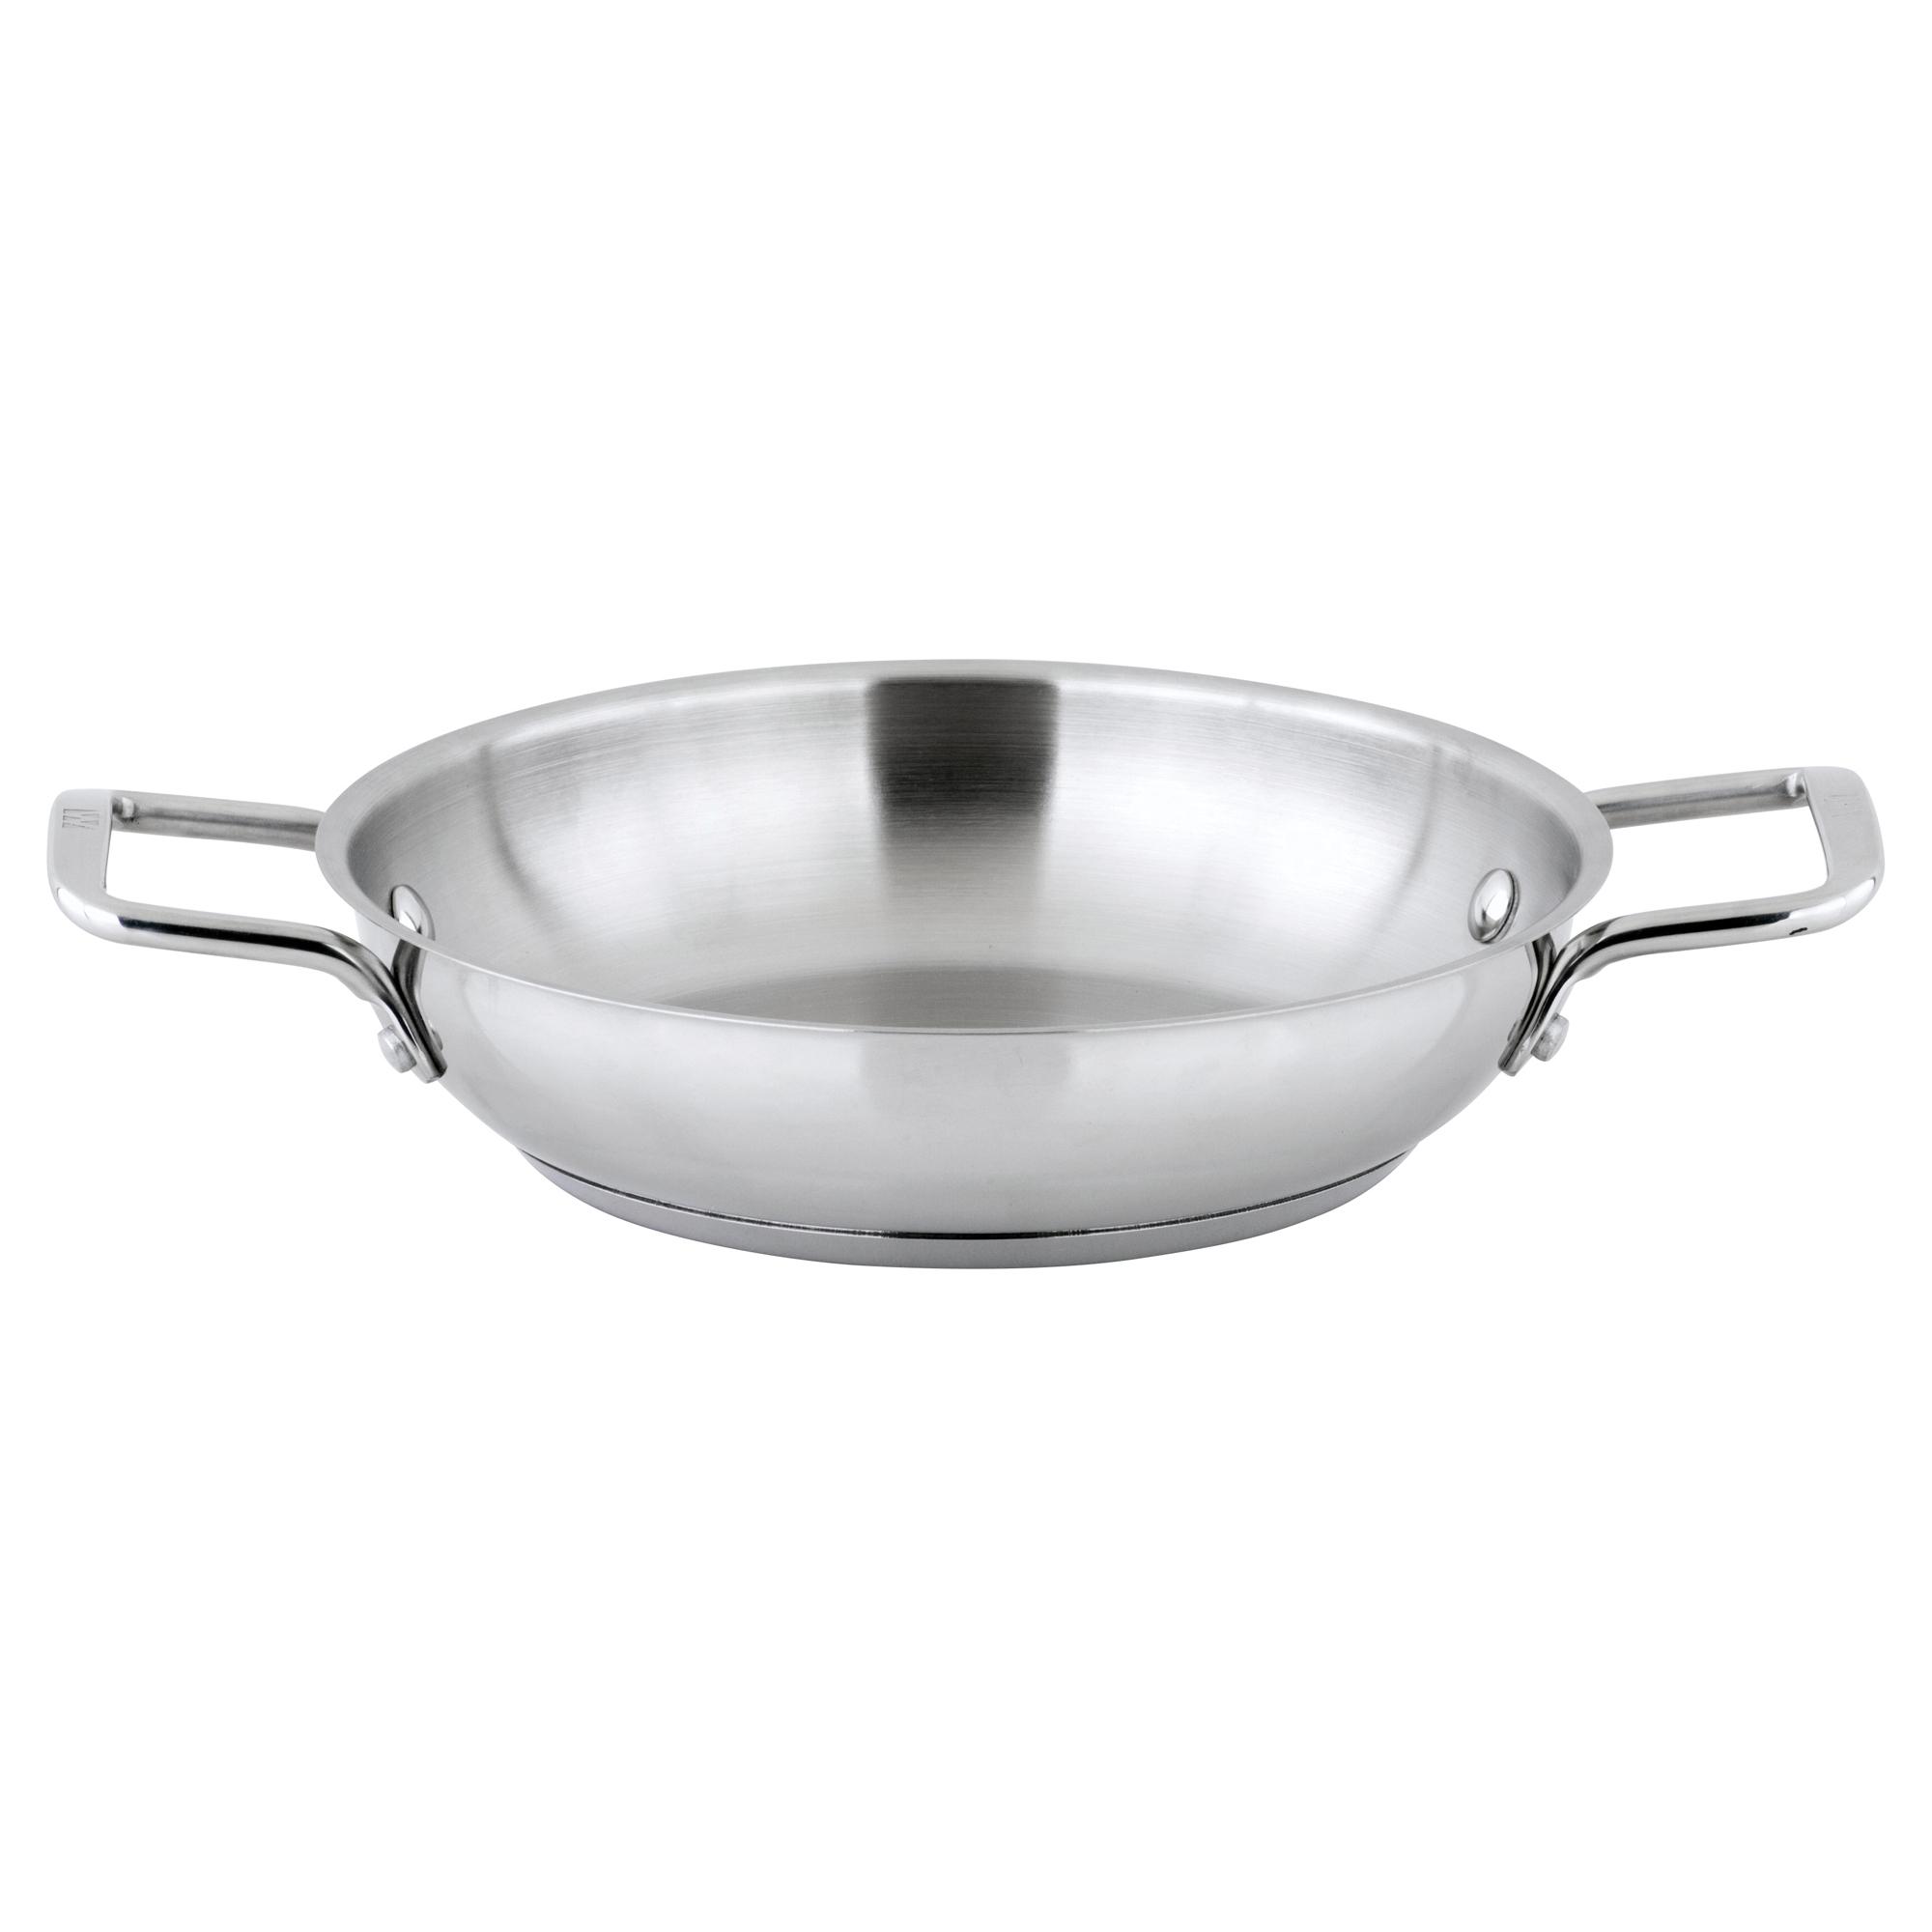 Winco SSOP-9 omelet pan